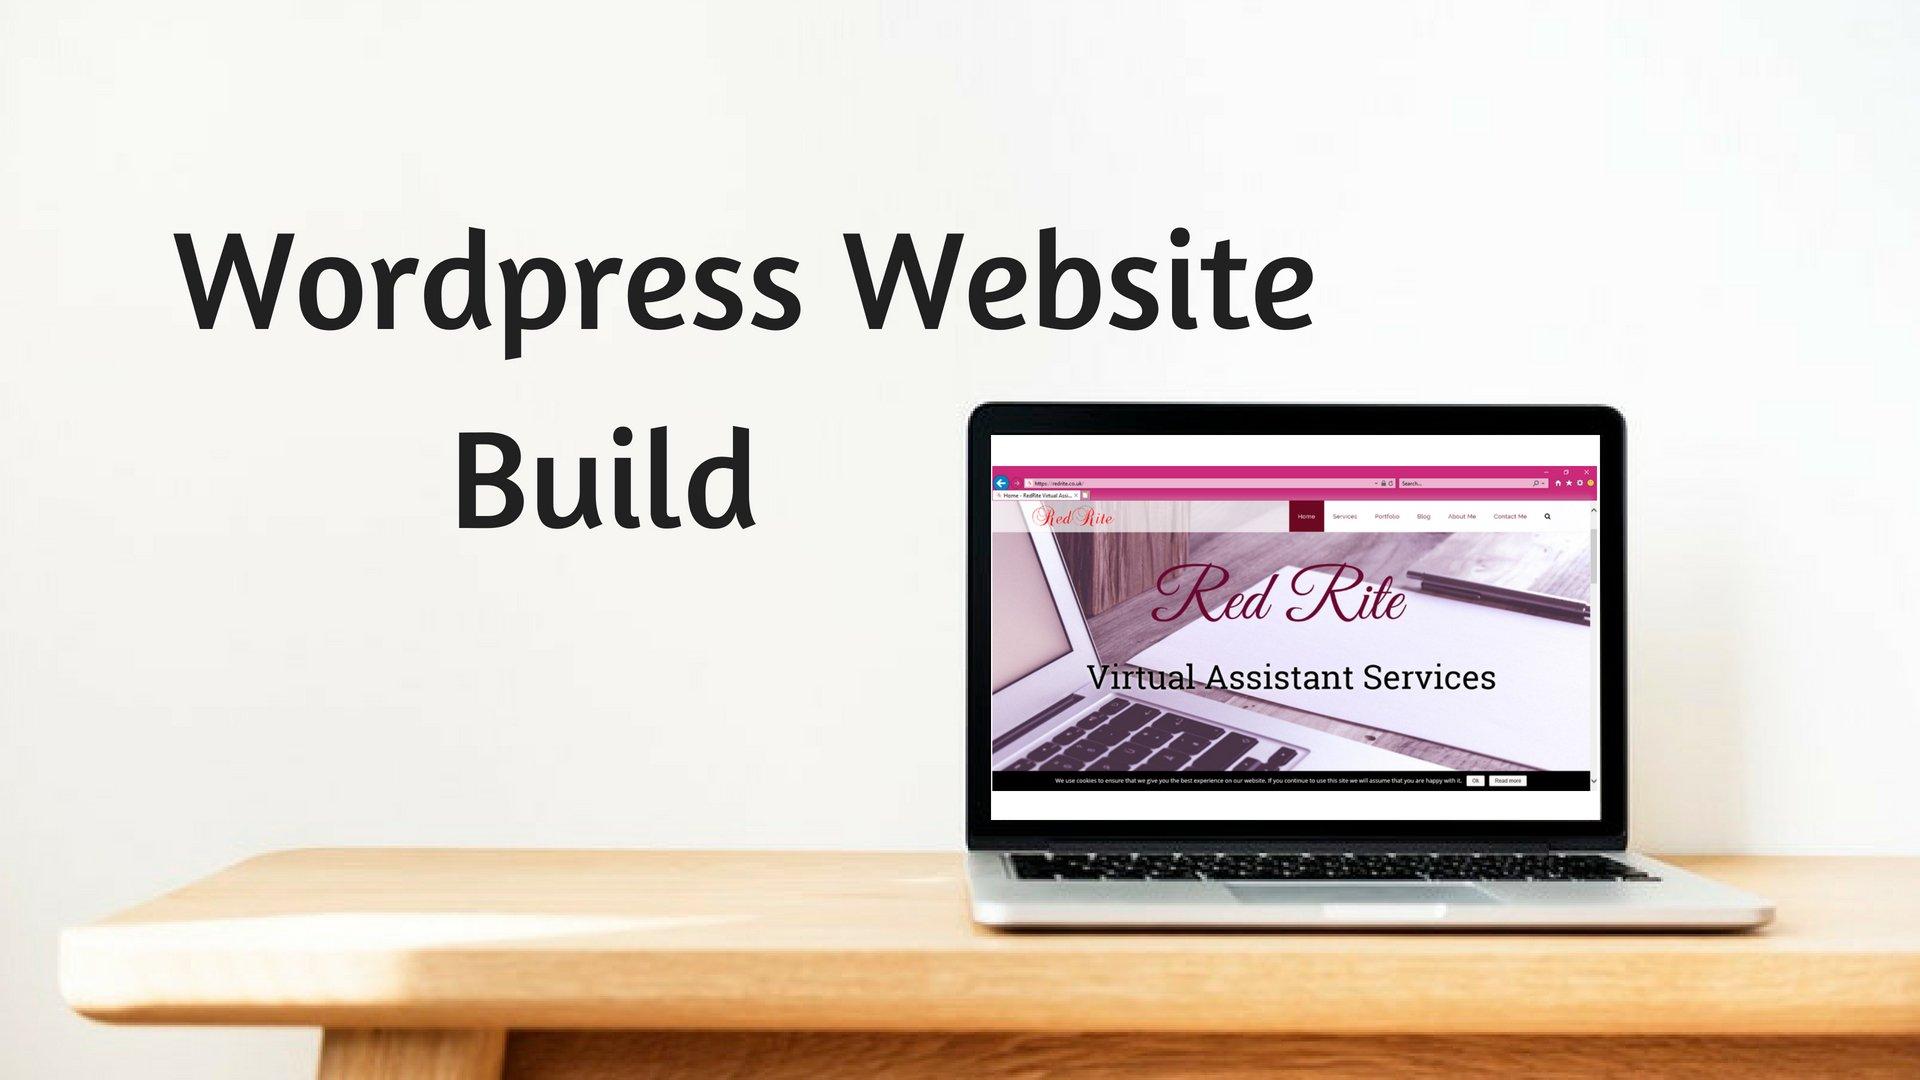 Wordpress Website Builds, RedRite